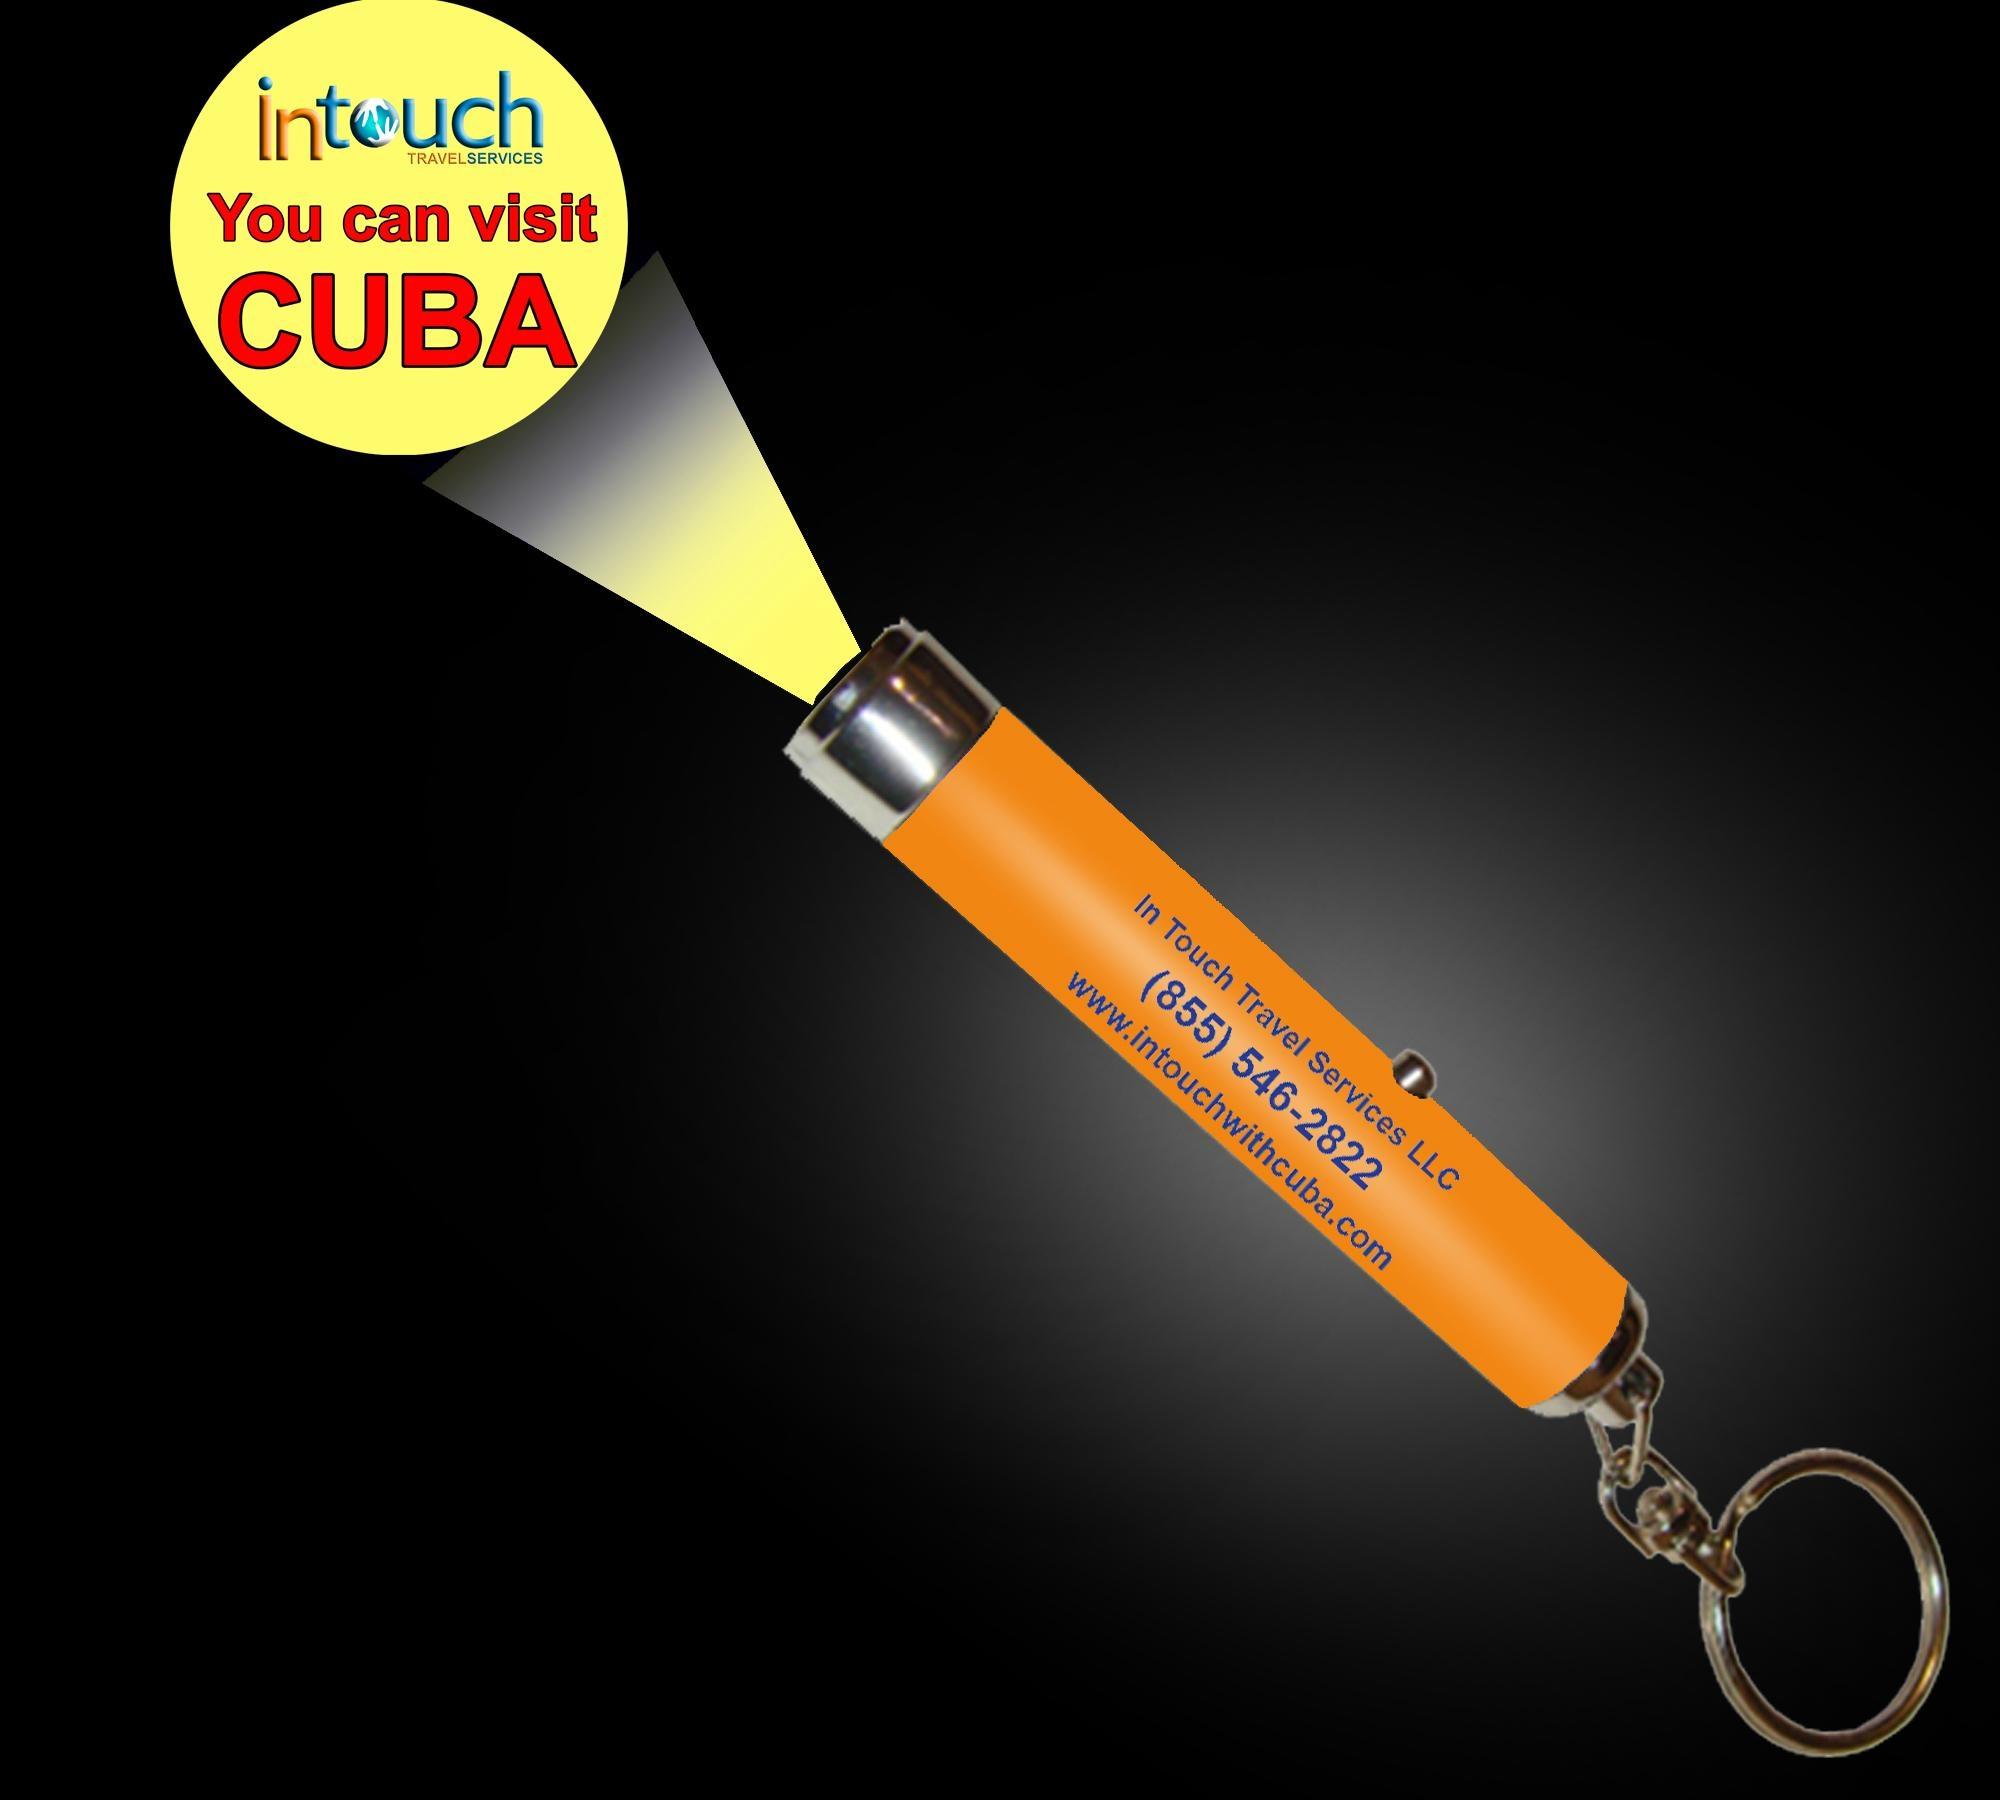 LOGO投影灯 激光投影电筒 LED钥匙扣促销礼品 5